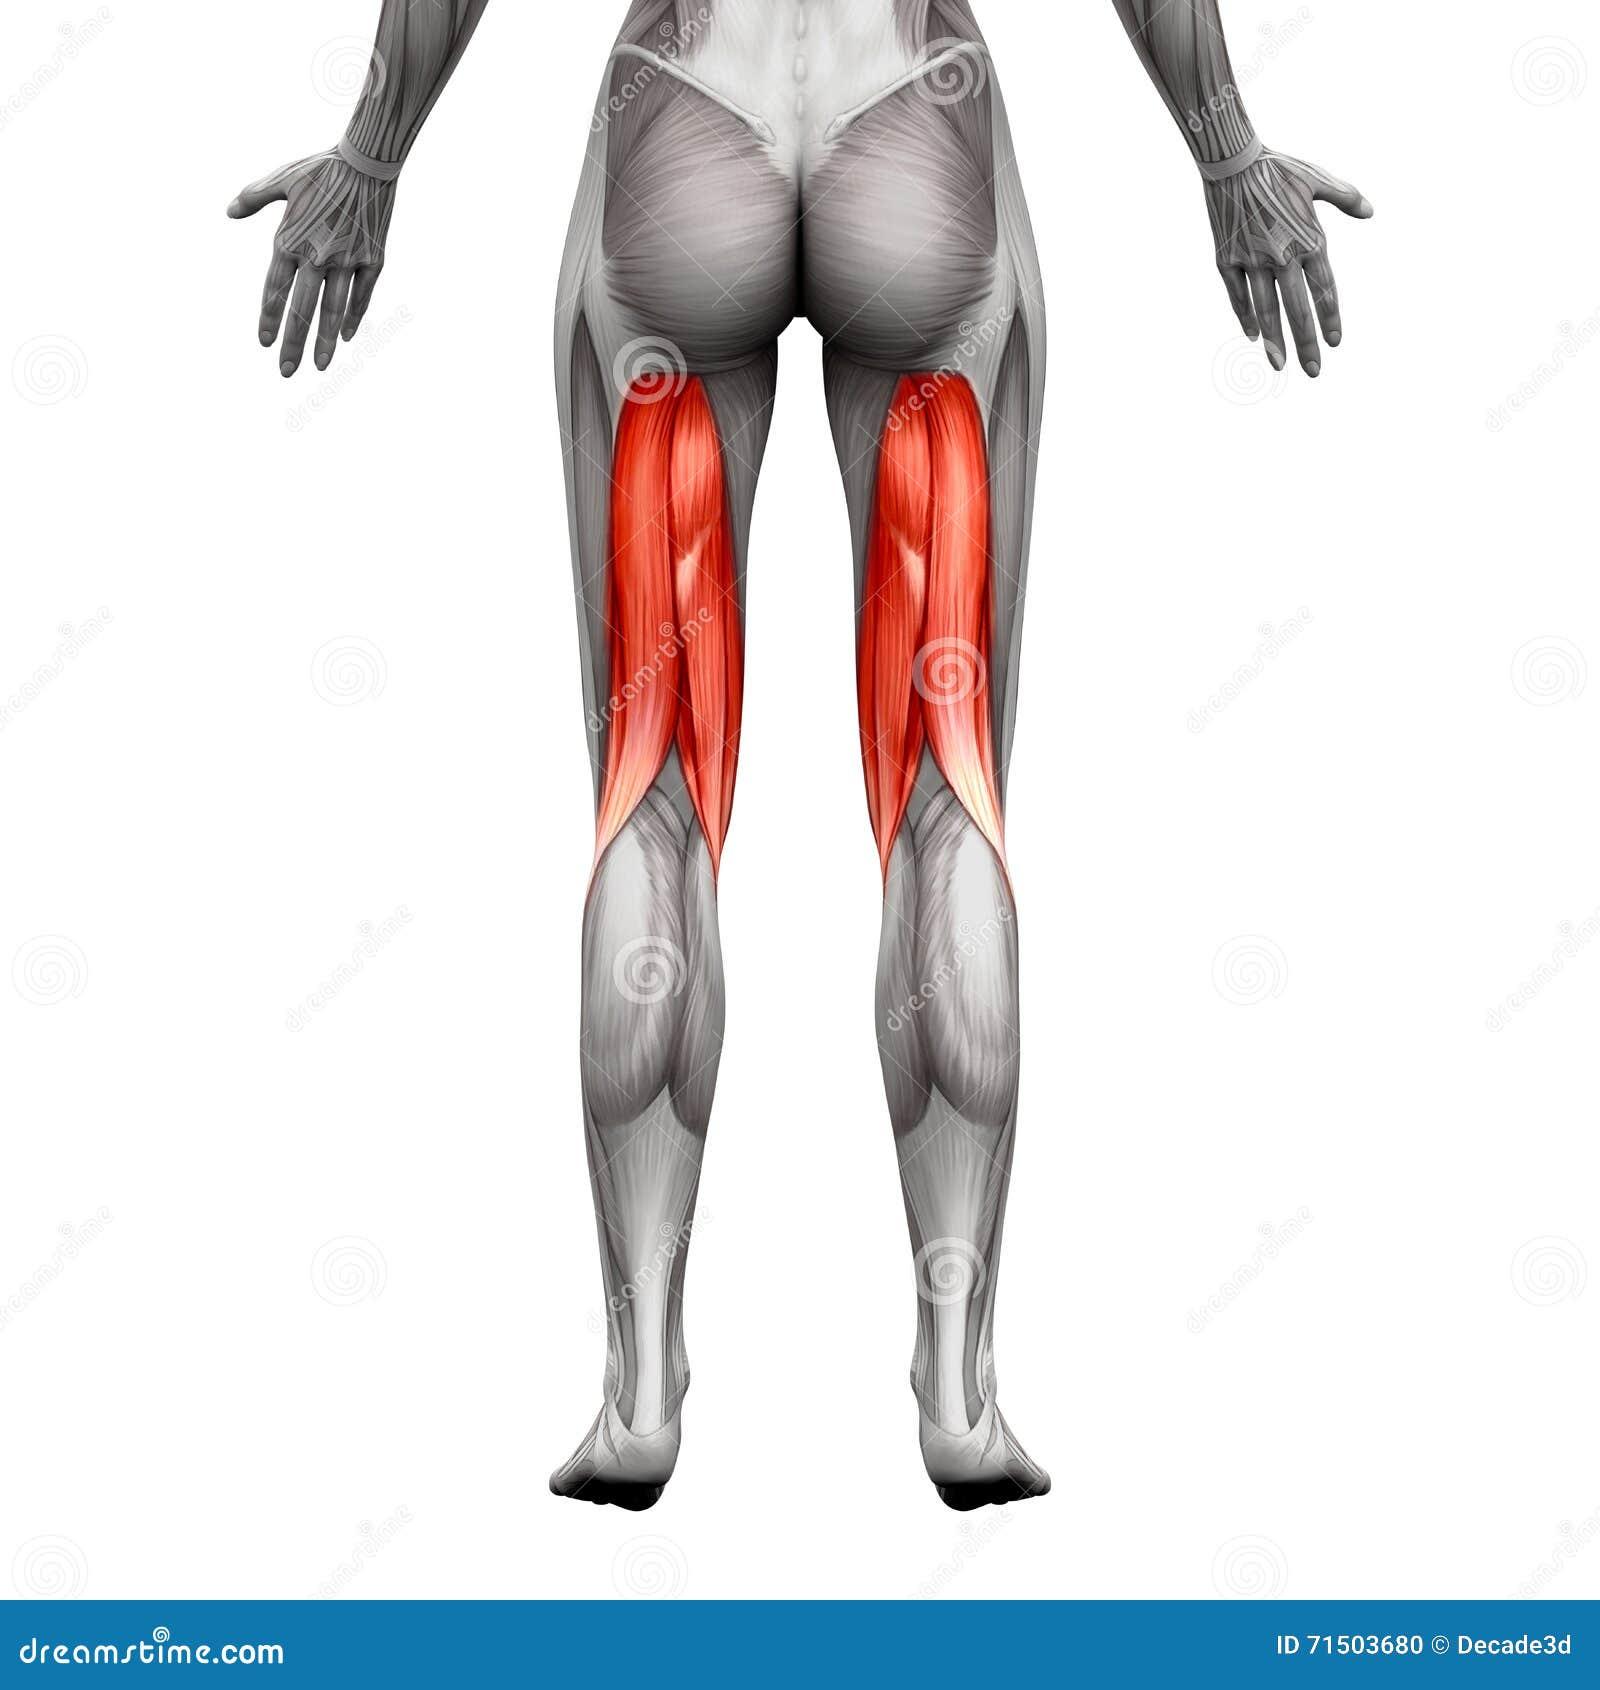 Excelente Tendones De La Anatomía De La Rodilla Foto - Imágenes de ...